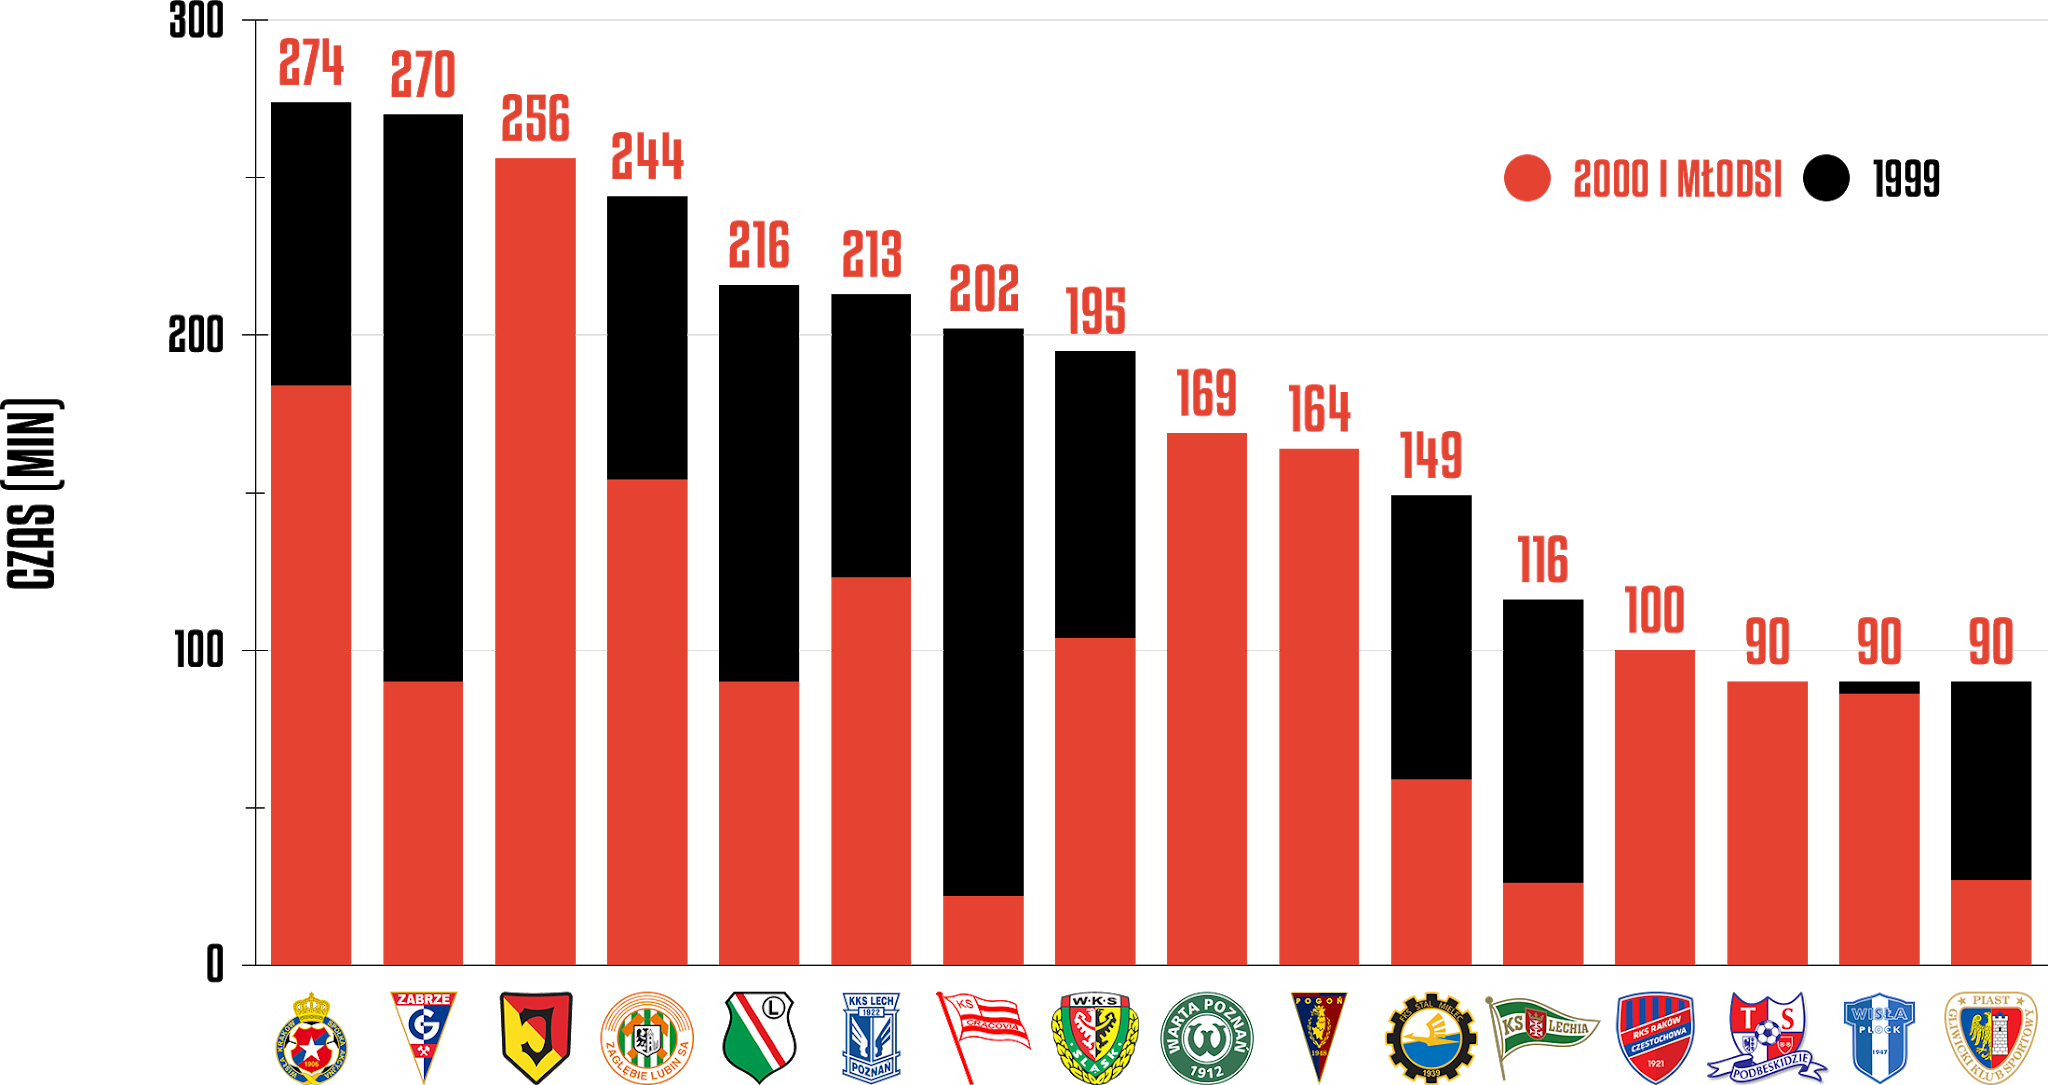 Klasyfikacja klubów pod względem rozegranego czasu przez młodzieżowców w29.kolejce PKO Ekstraklasy<br><br>Źródło: Opracowanie własne na podstawie ekstrastats.pl<br><br>graf. Bartosz Urban